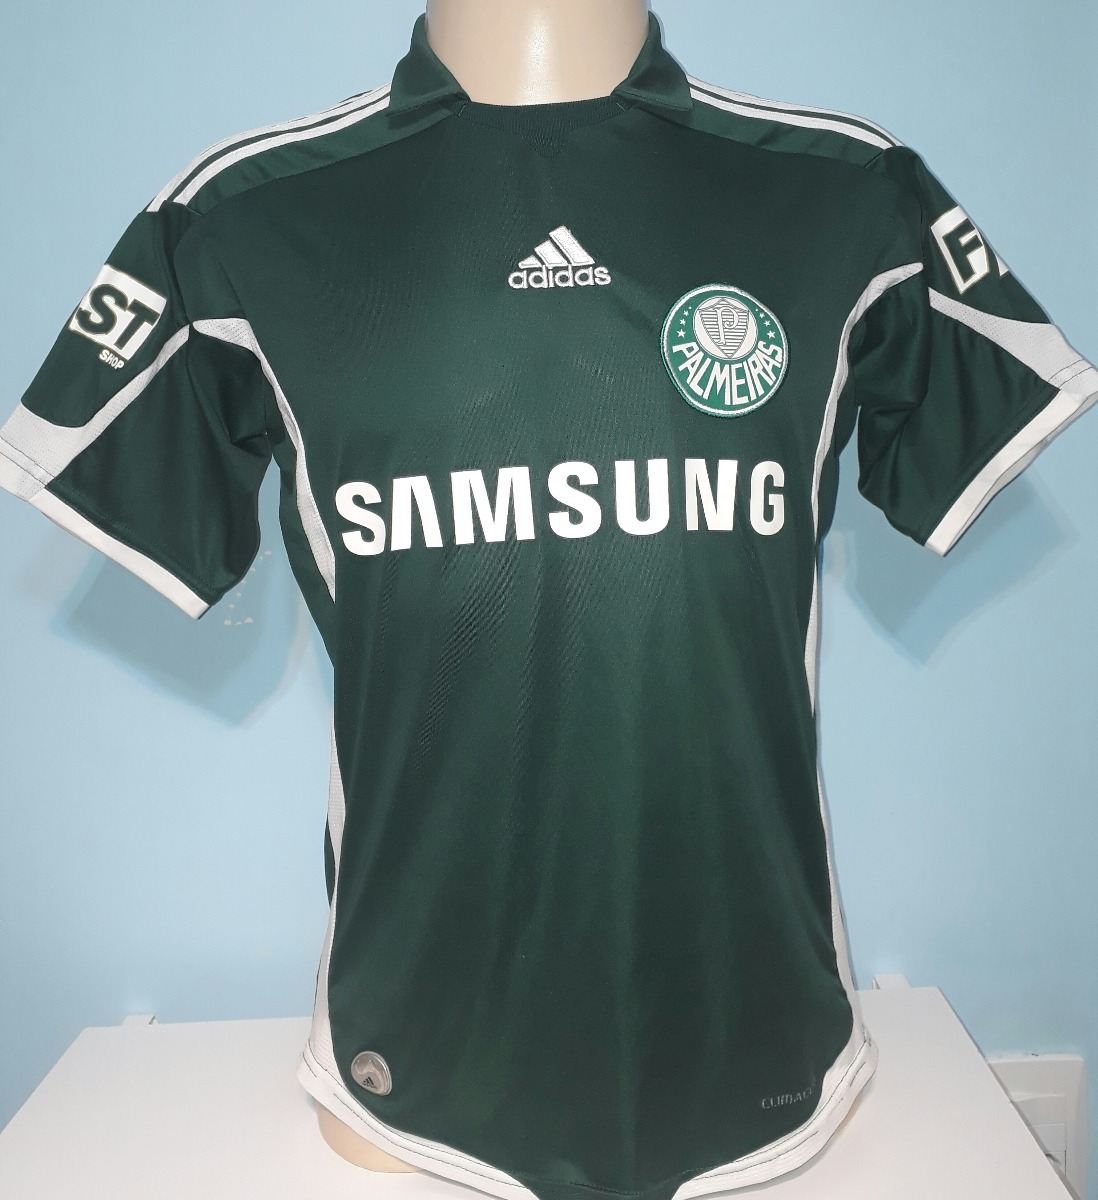 e4de5405ee6a7 Camisa Palmeiras 2010 Original adidas Tam P Ou 14 Anos - 10 - R  189 ...